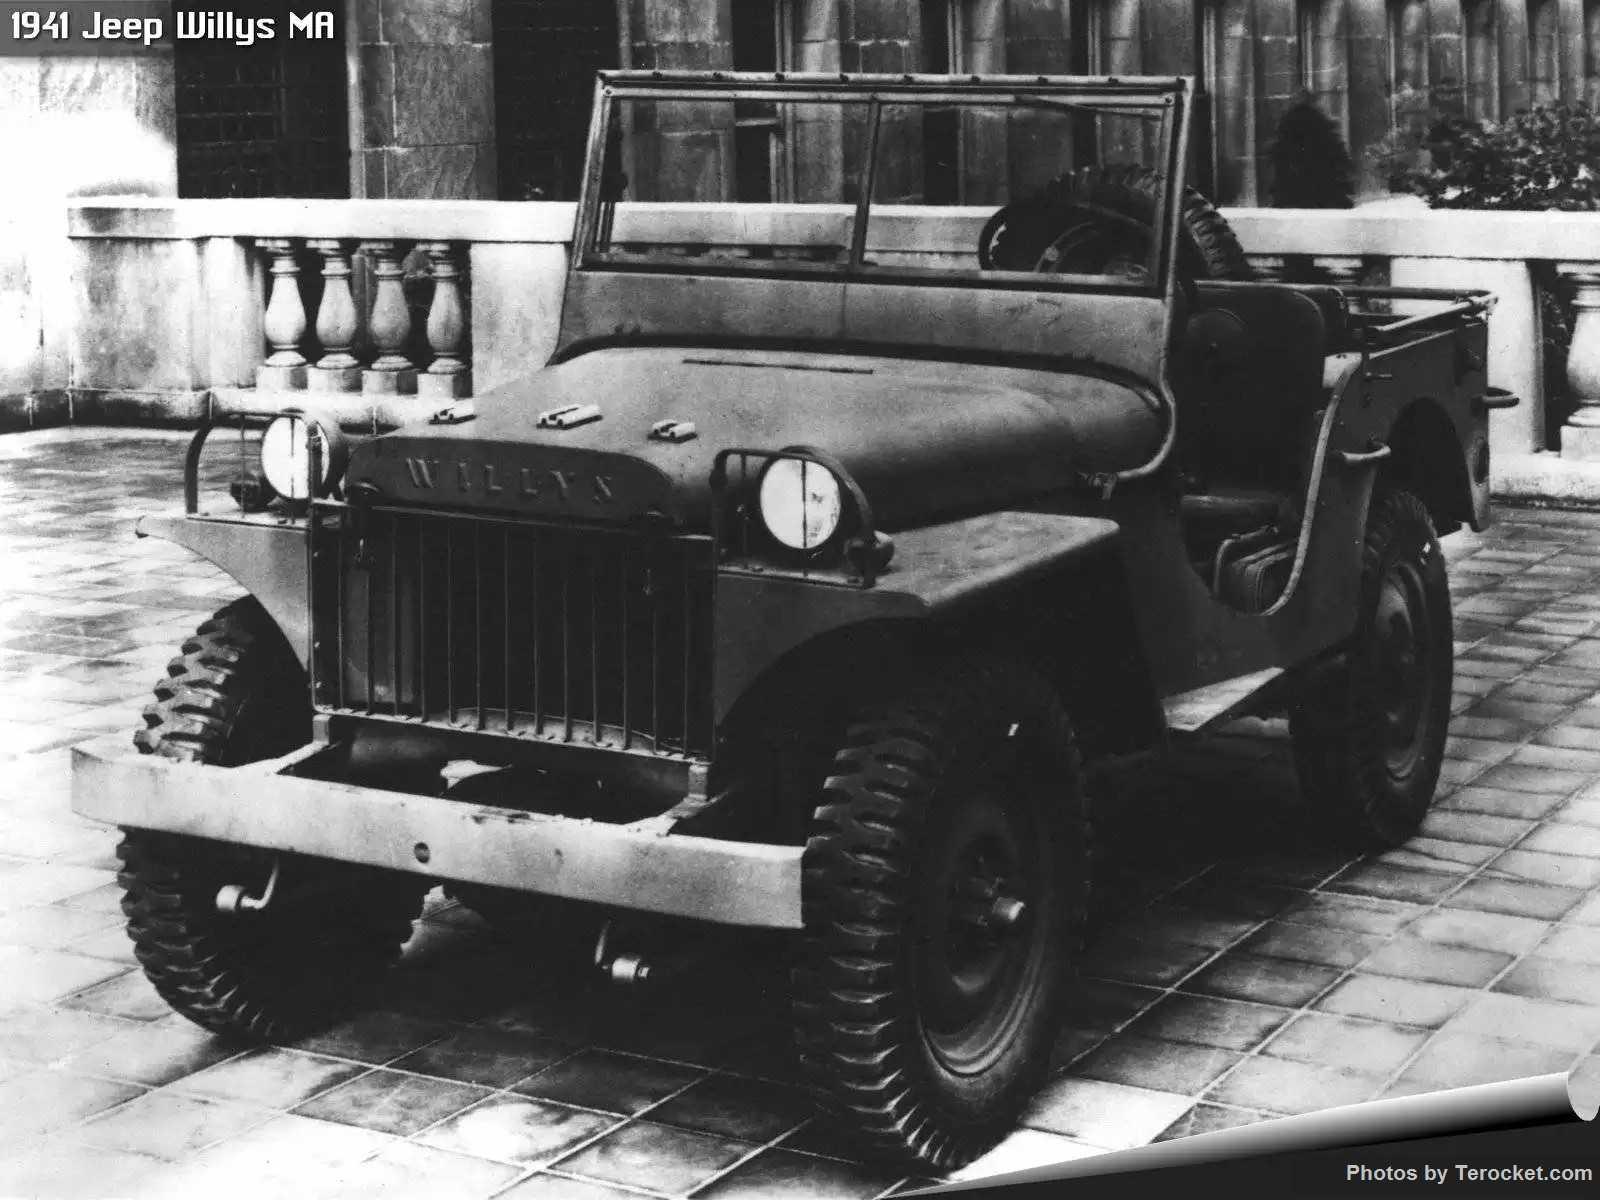 Hình ảnh xe ô tô Jeep Willys MA 1941 & nội ngoại thất